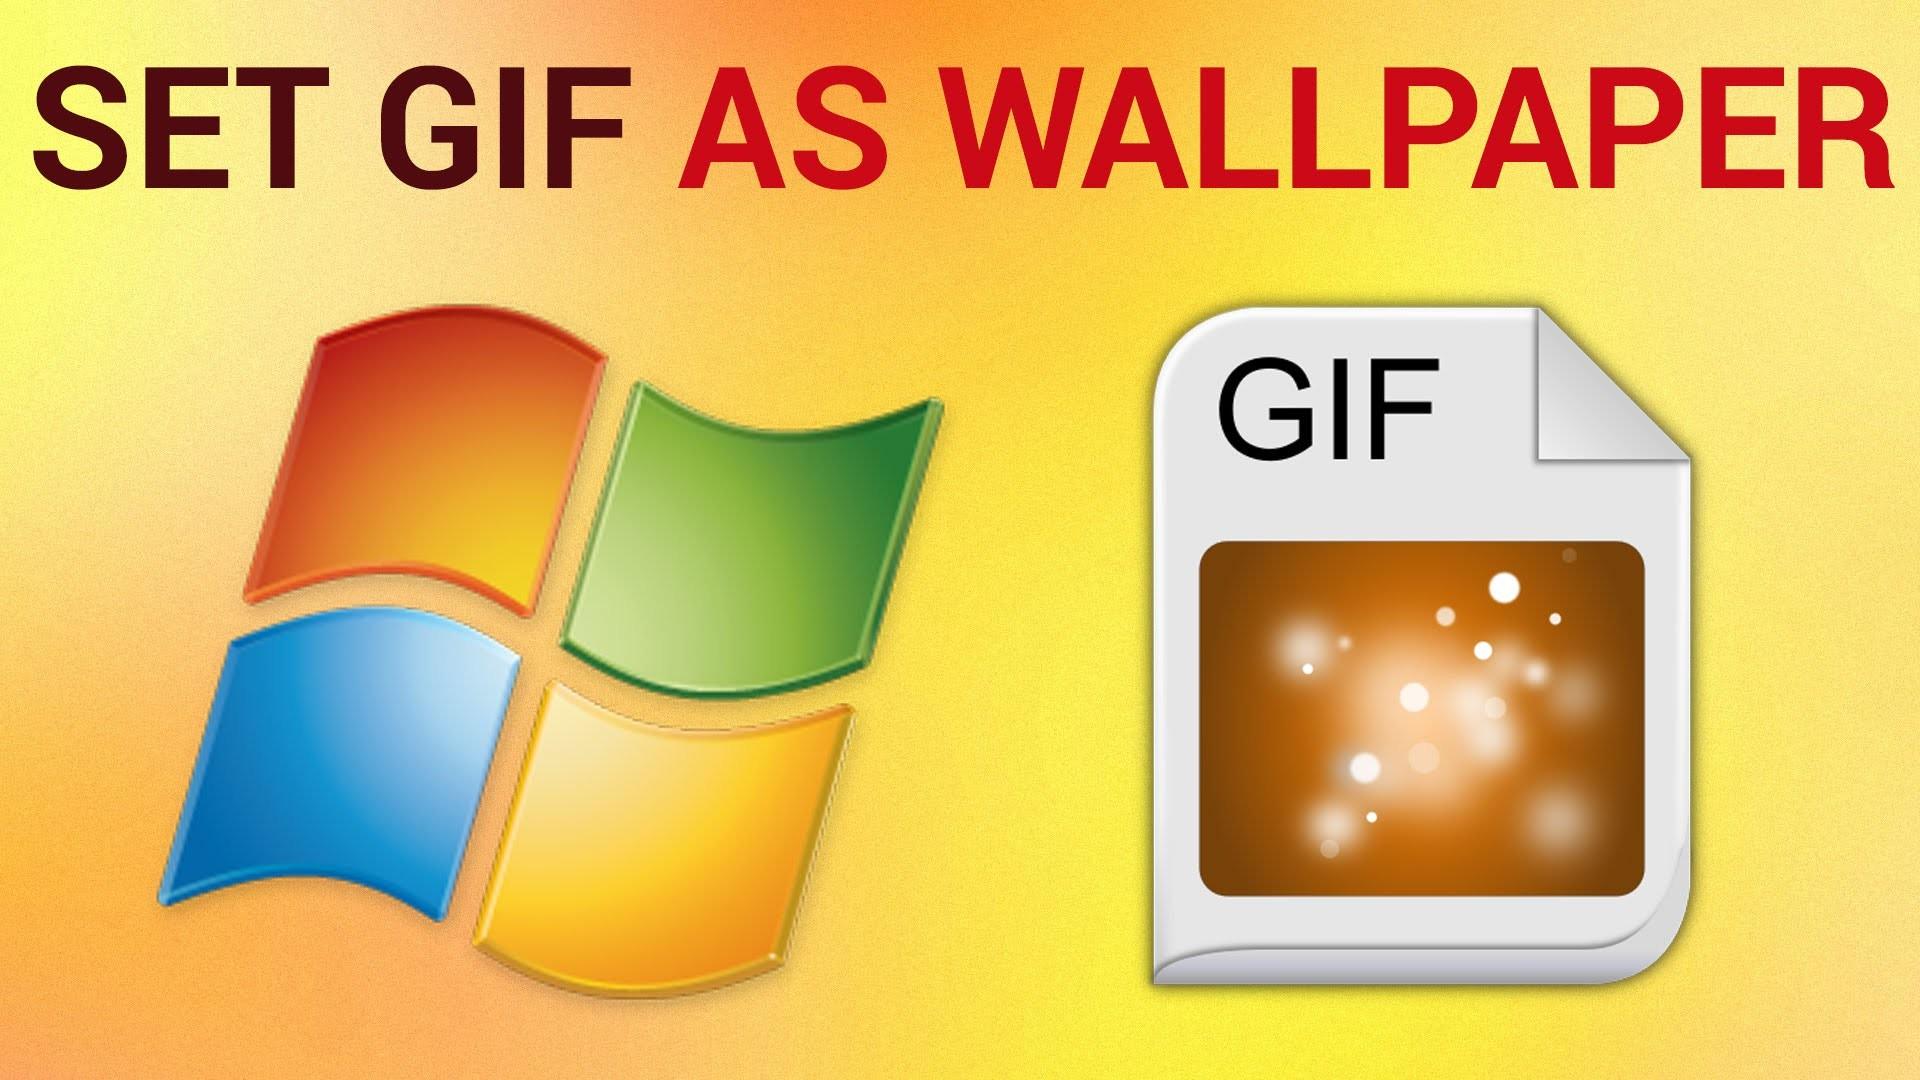 Gif Background Windows 7 75 Images